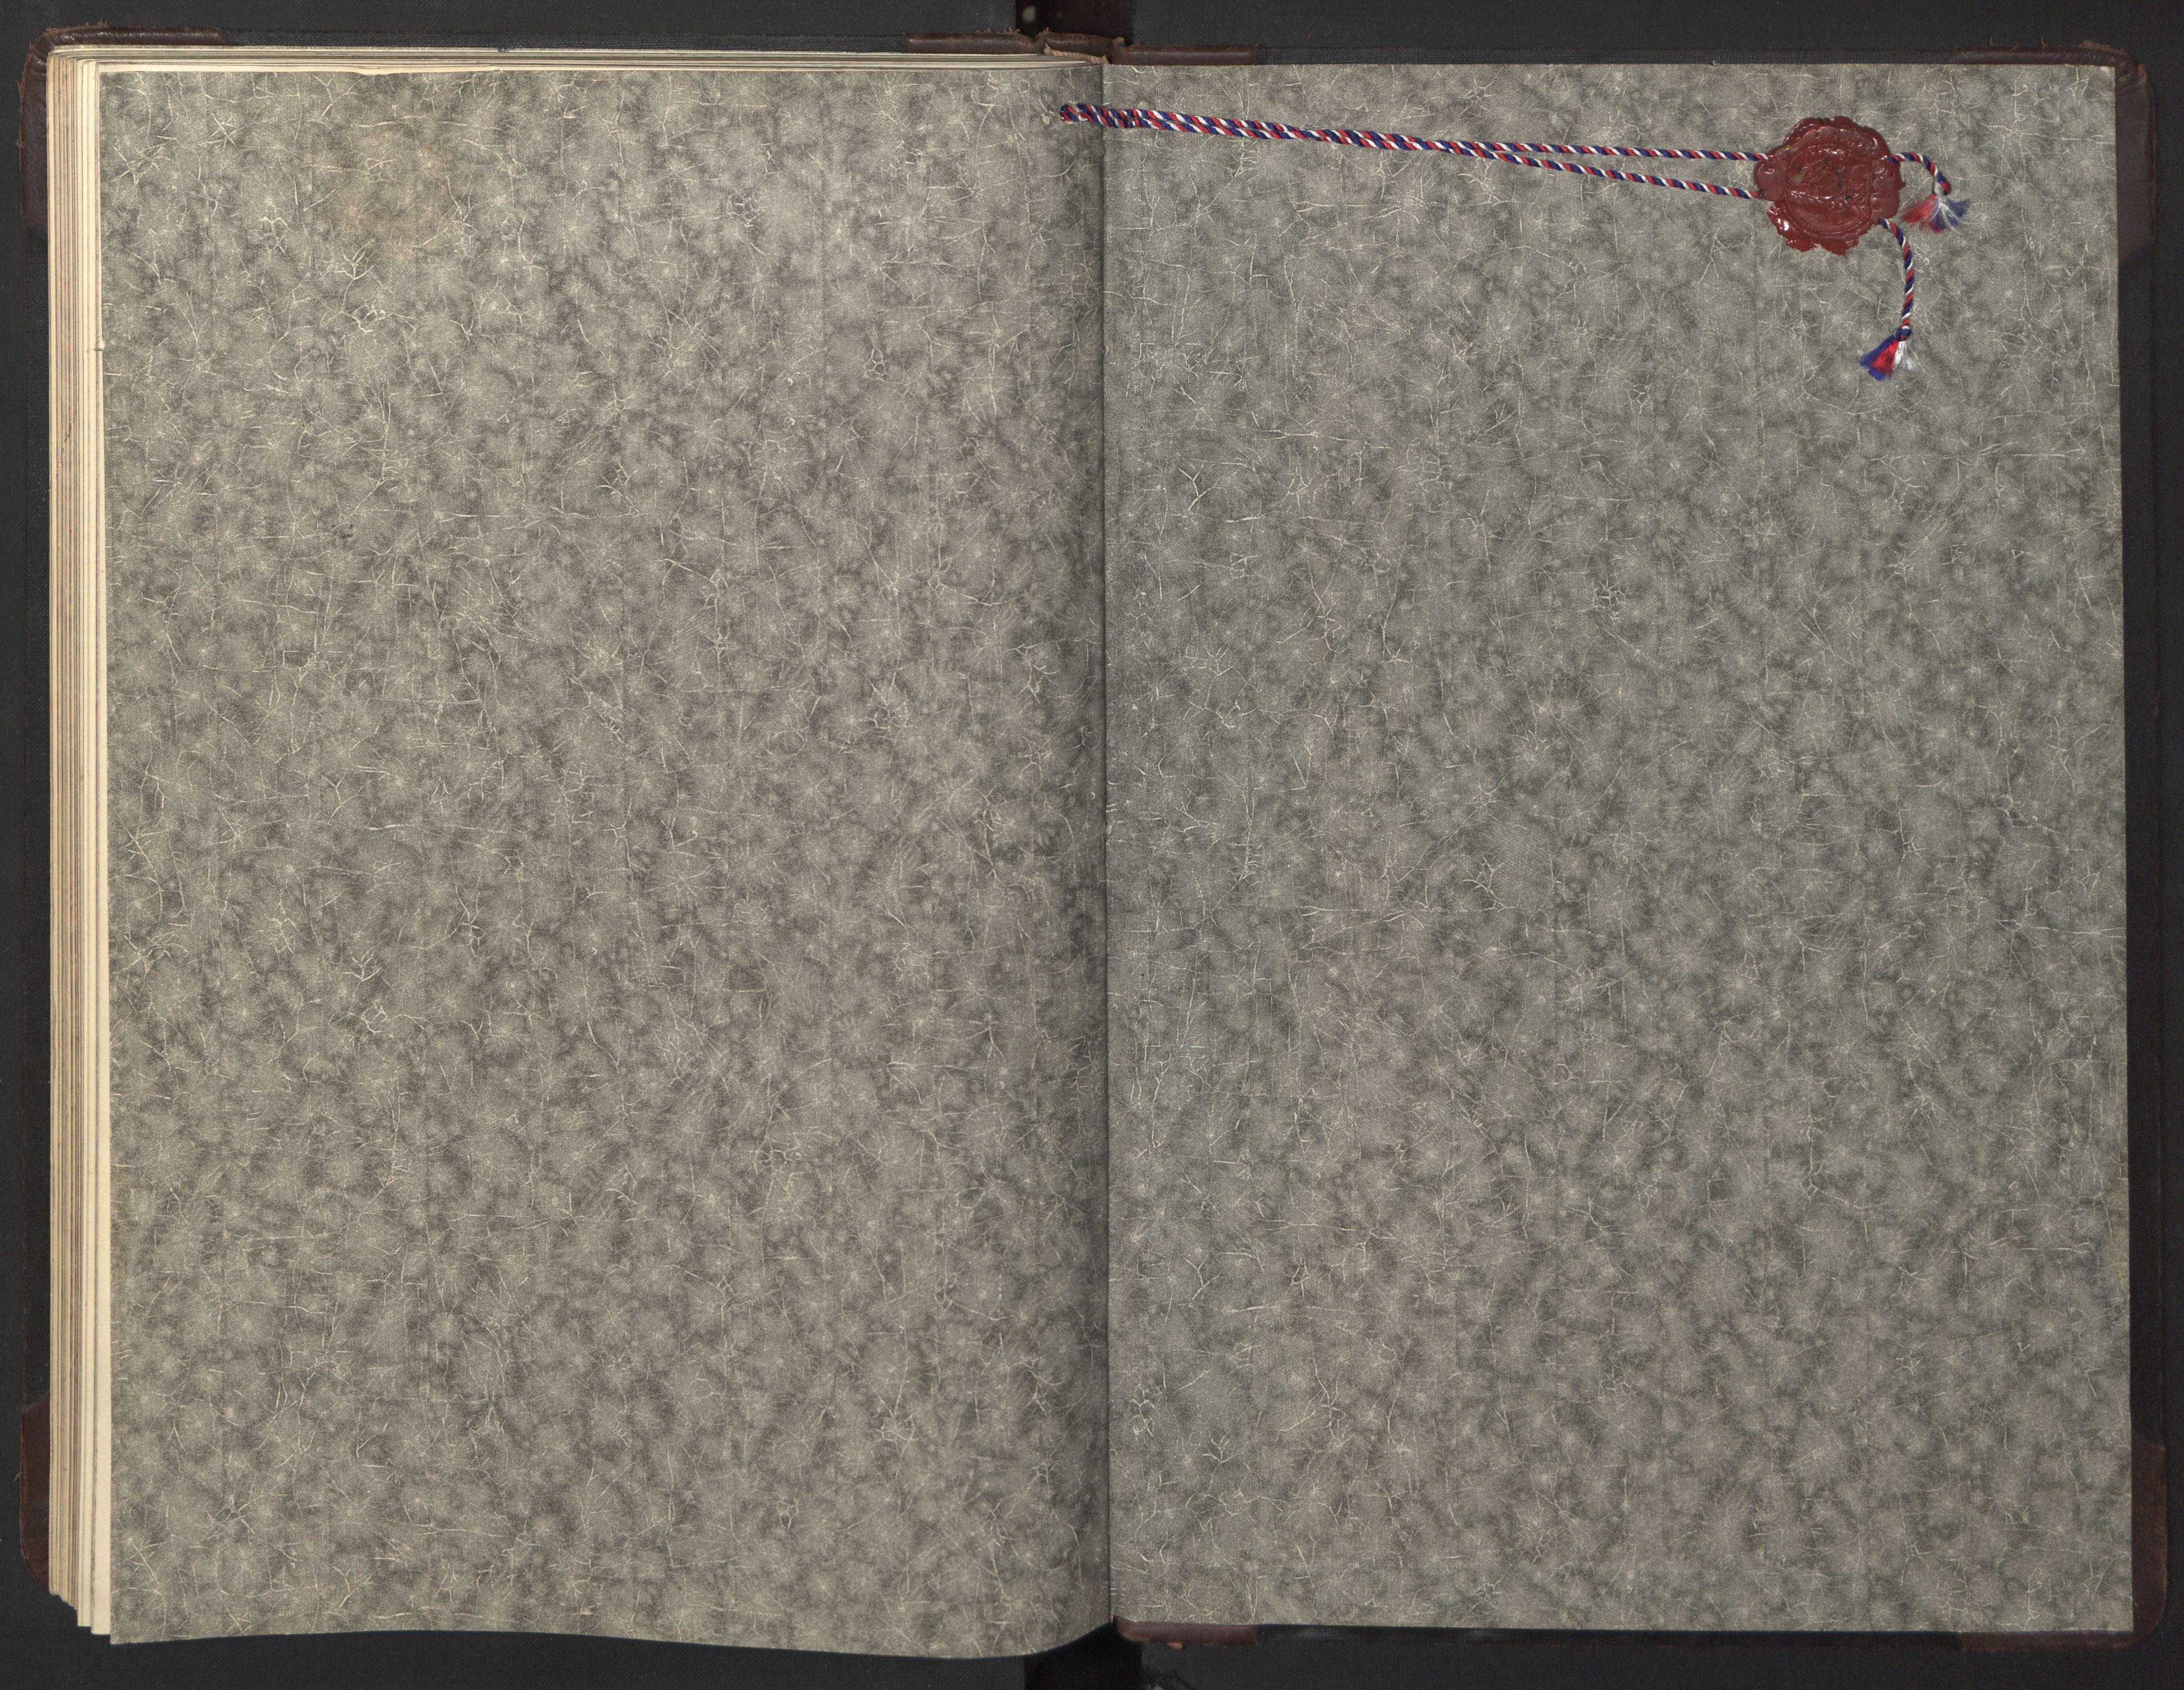 SAT, Ministerialprotokoller, klokkerbøker og fødselsregistre - Sør-Trøndelag, 674/L0878: Klokkerbok nr. 674C05, 1941-1950